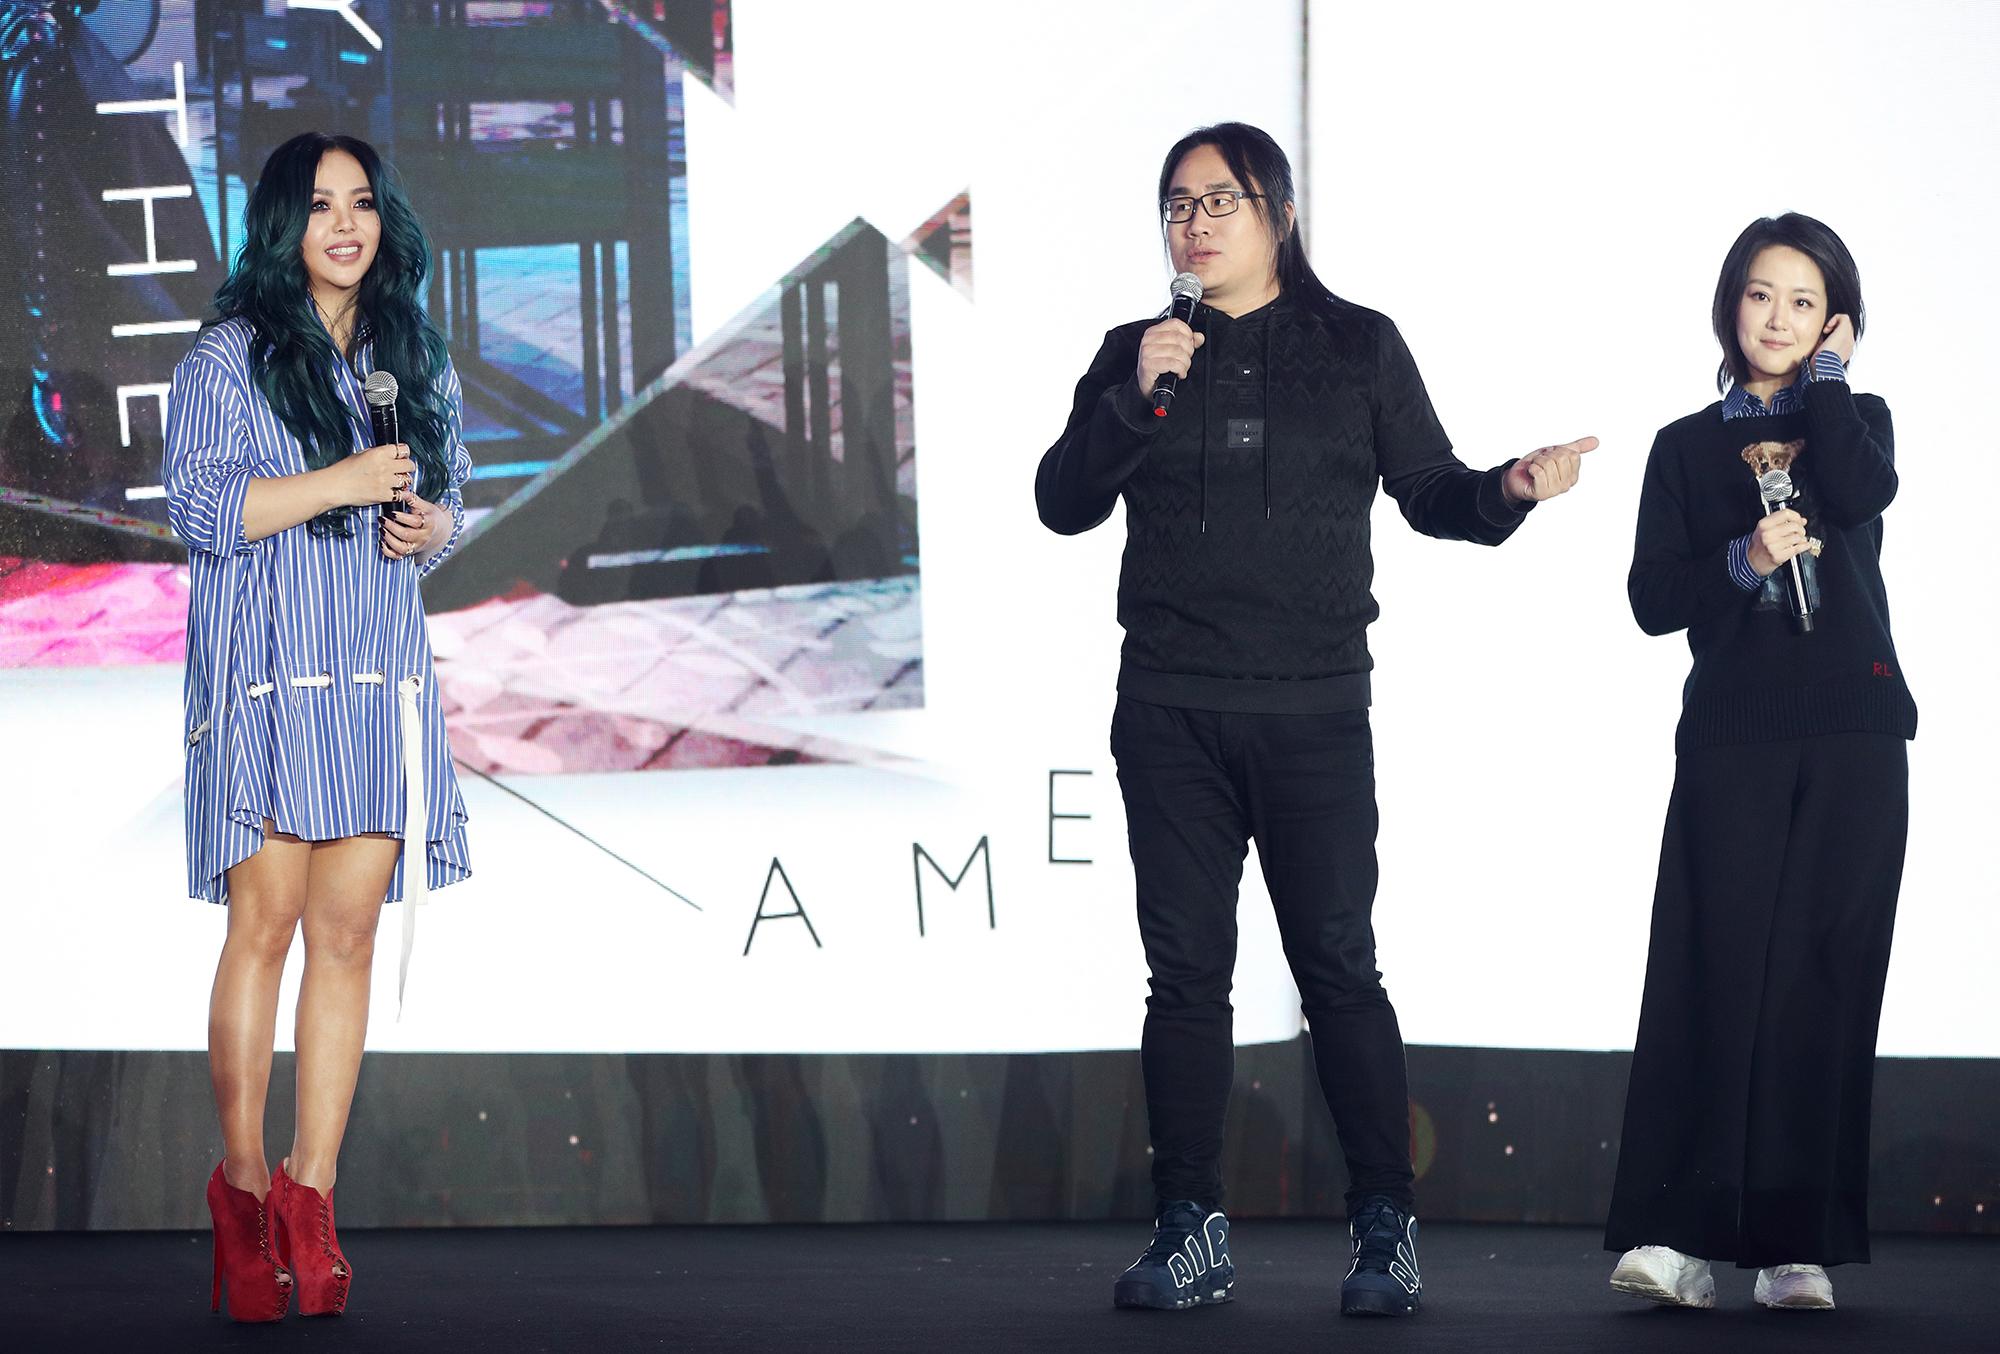 张惠妹举行新专《偷故事的人》亚洲见面分享会